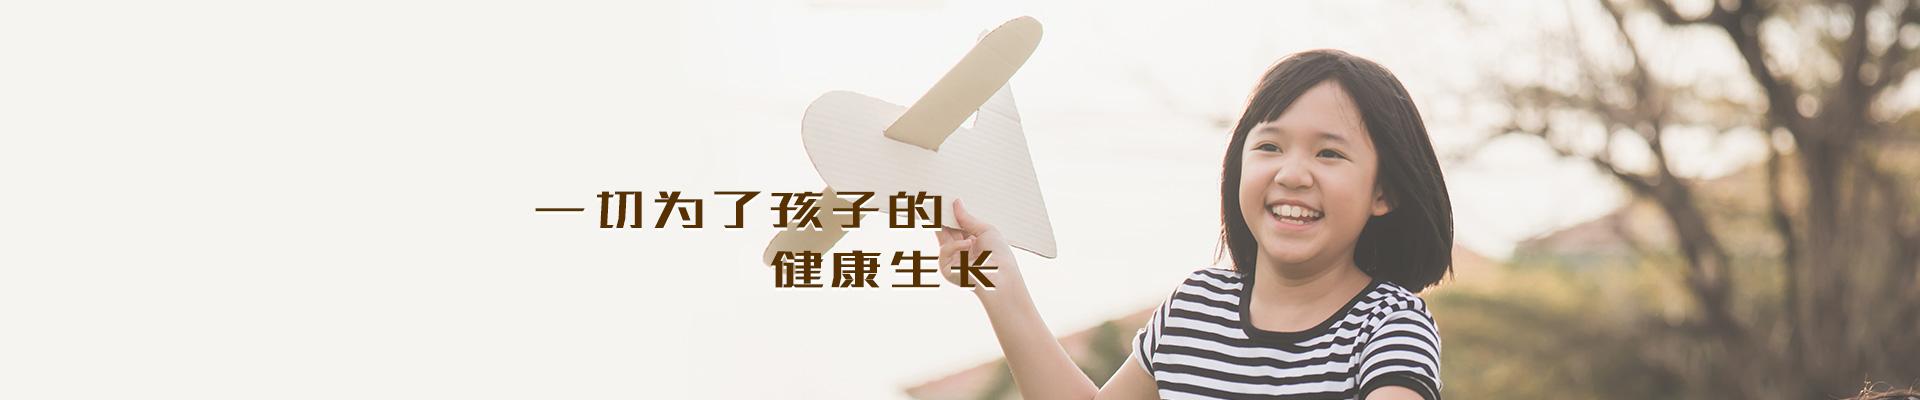 齐发娱乐|齐乐娱乐官方网站|齐乐娱乐官方网站